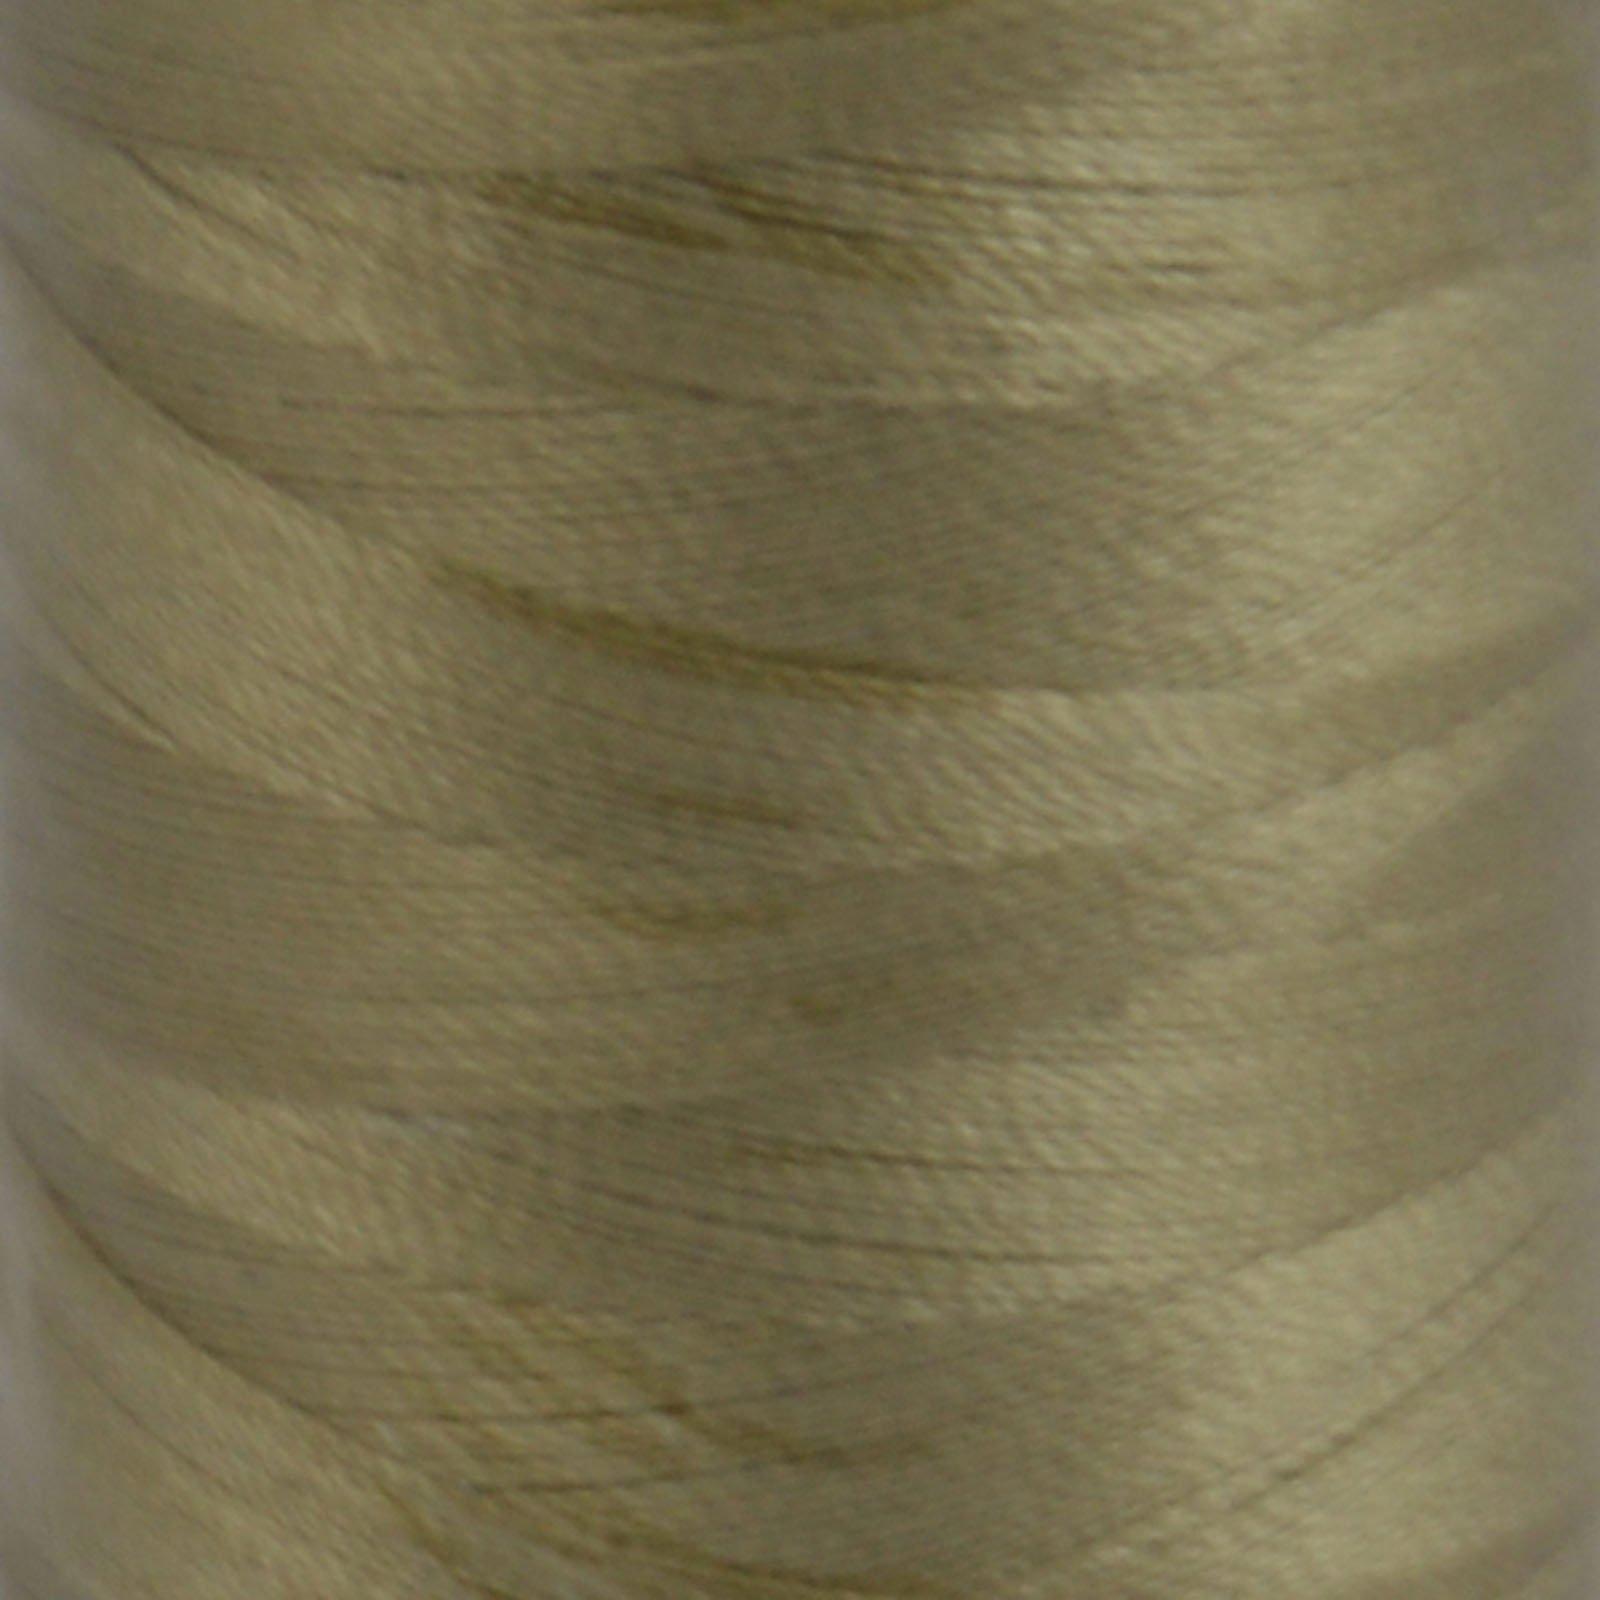 # 2325 Linen